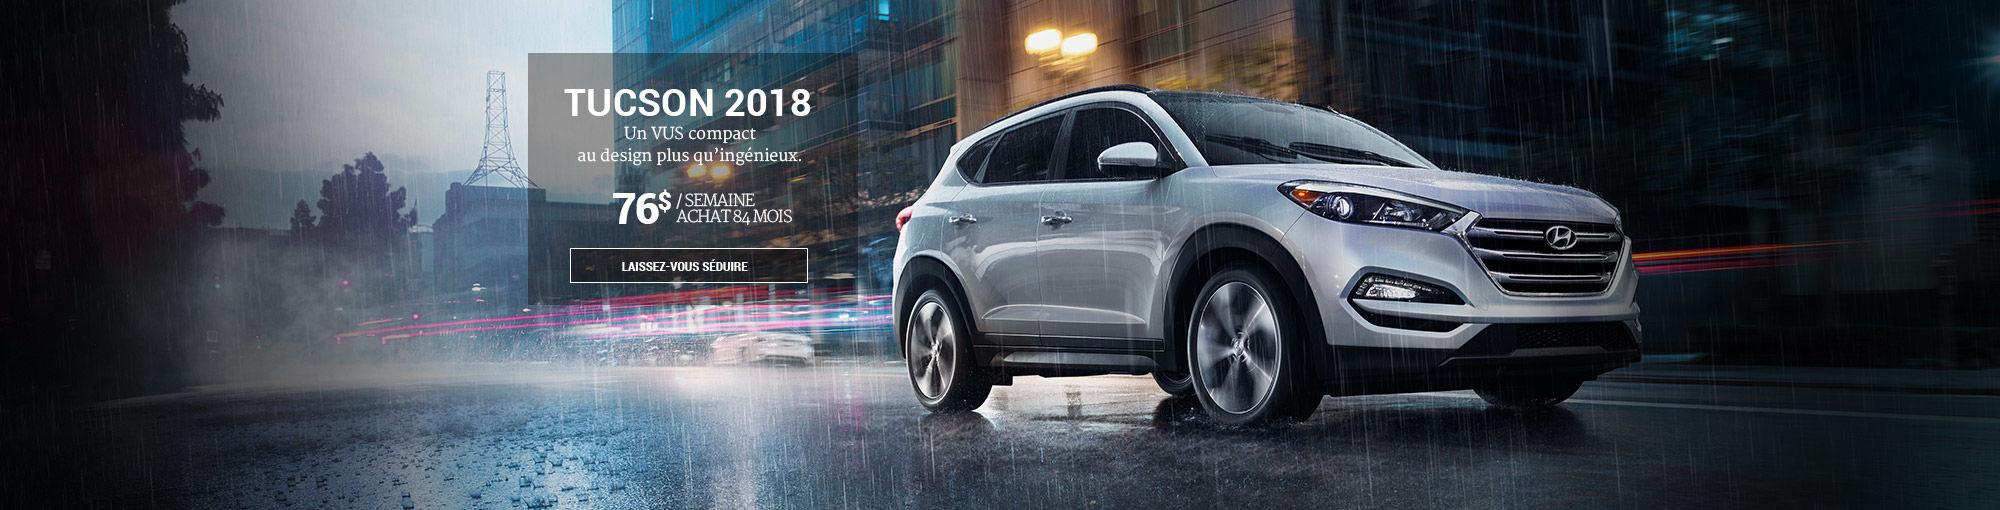 Hyundai Tucson 2018 header mai